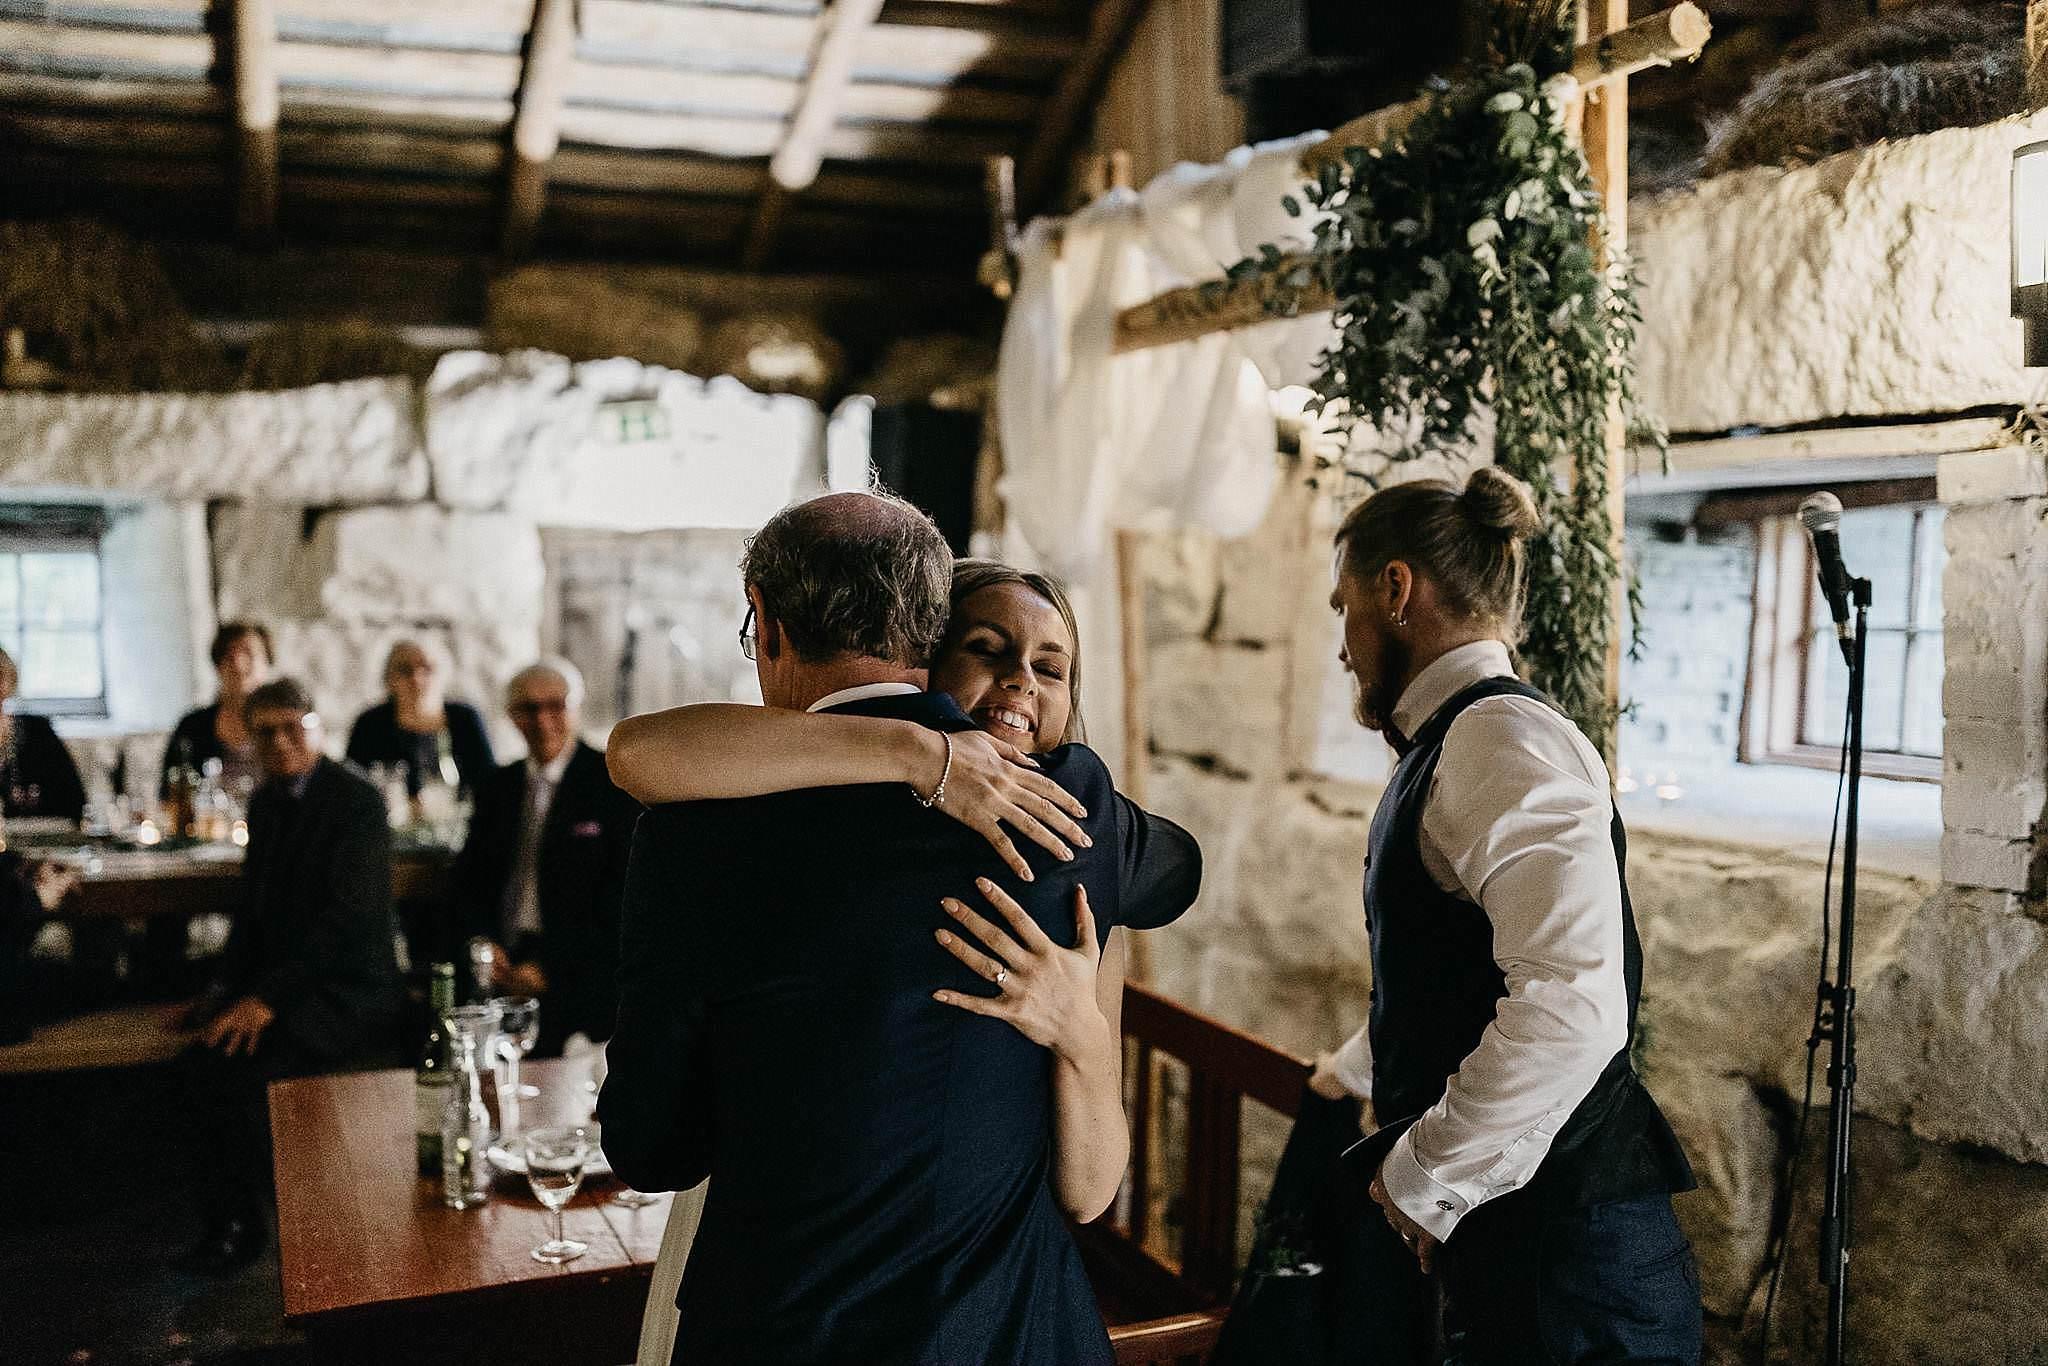 Haakuvaus_wedding_jyvaskyla_muurame_tuomiston_tila_0171.jpg